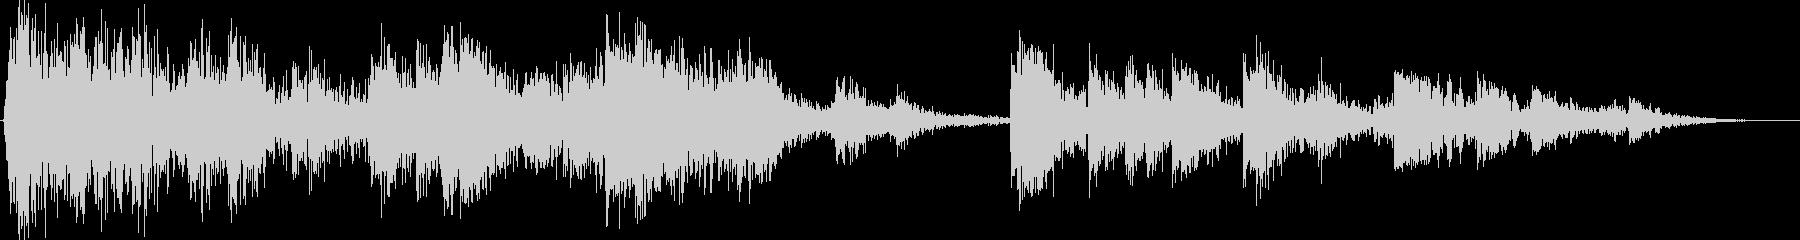 ミディアムメタルドラムのスタック:...の未再生の波形